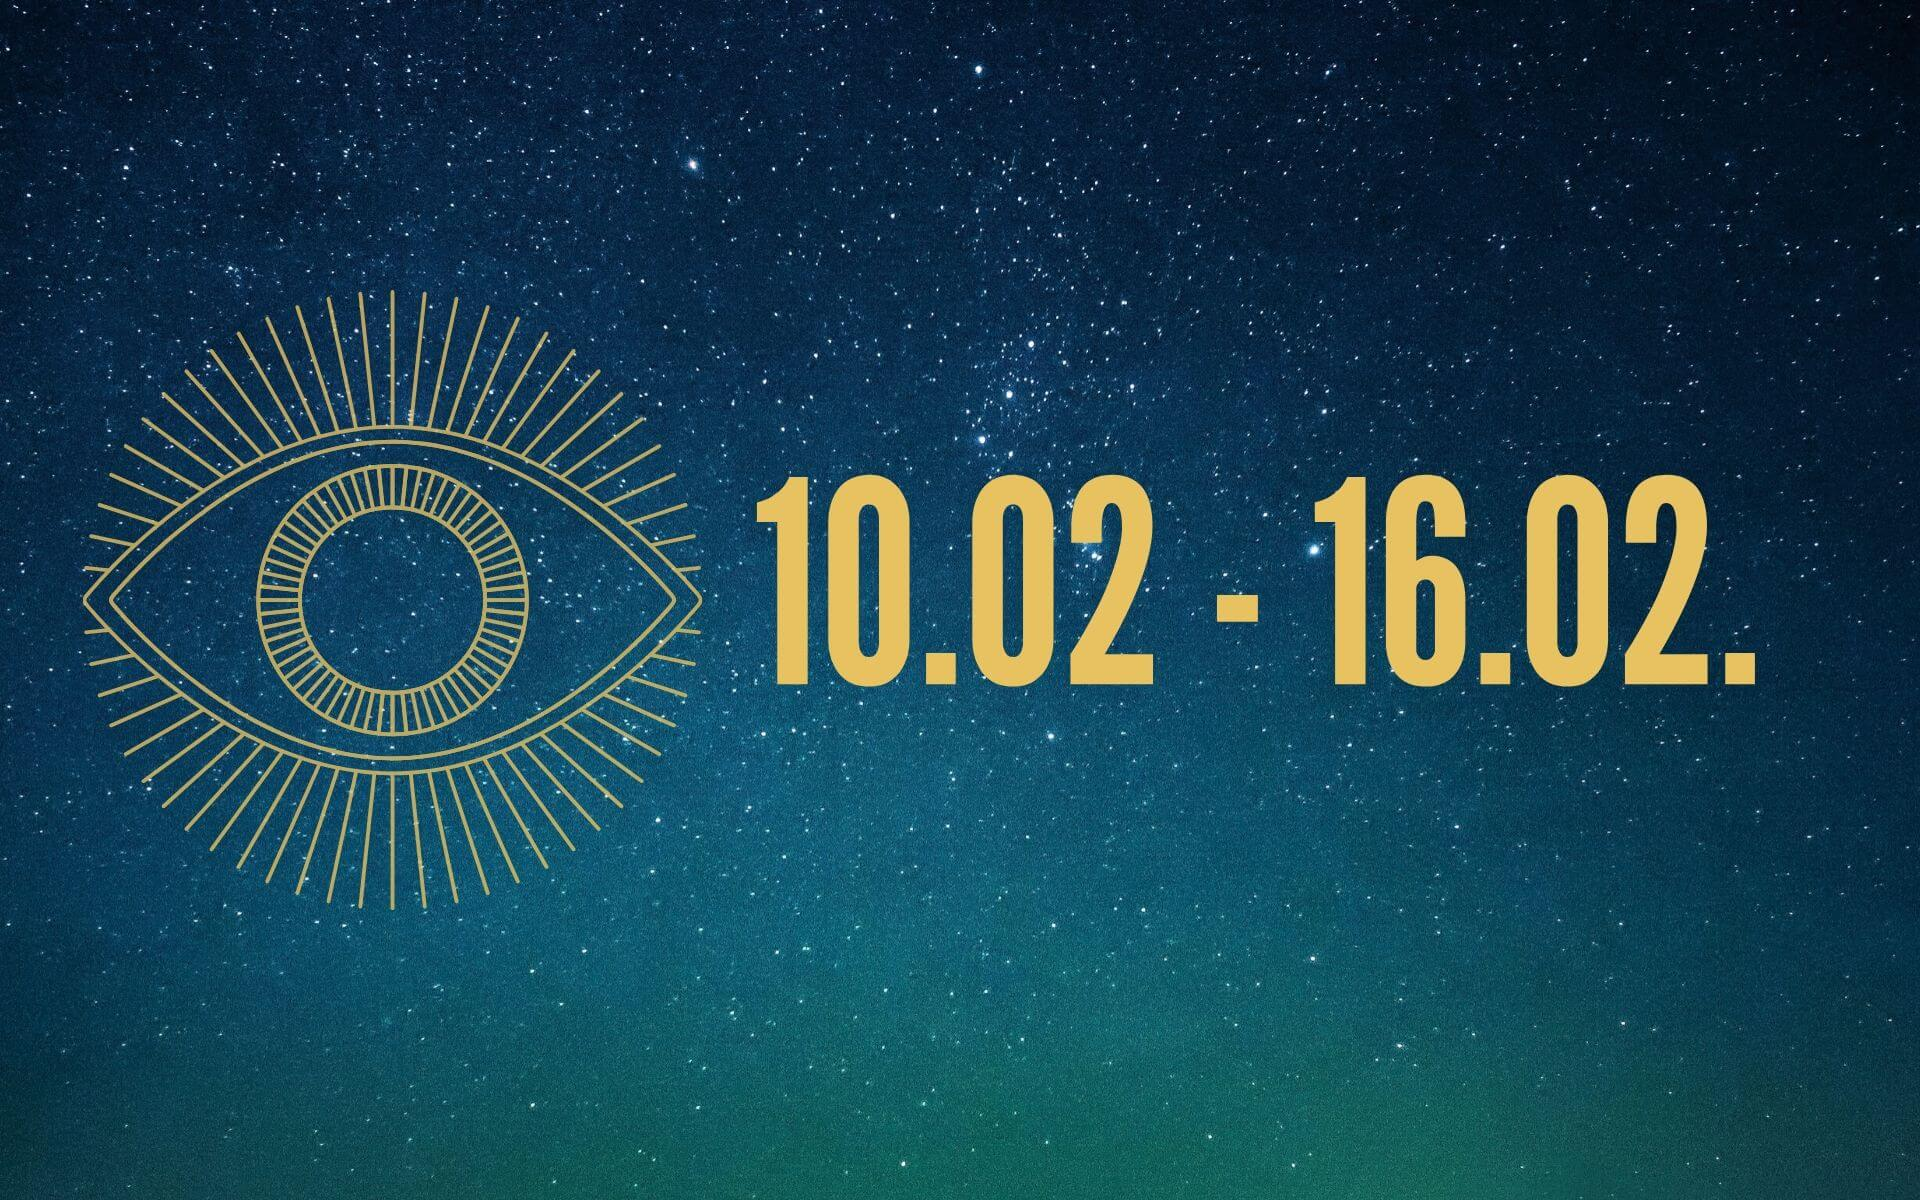 MILAs Liebeshoroskop 10.02. - 16.02. - Was erwartet dein Sternzeichen?